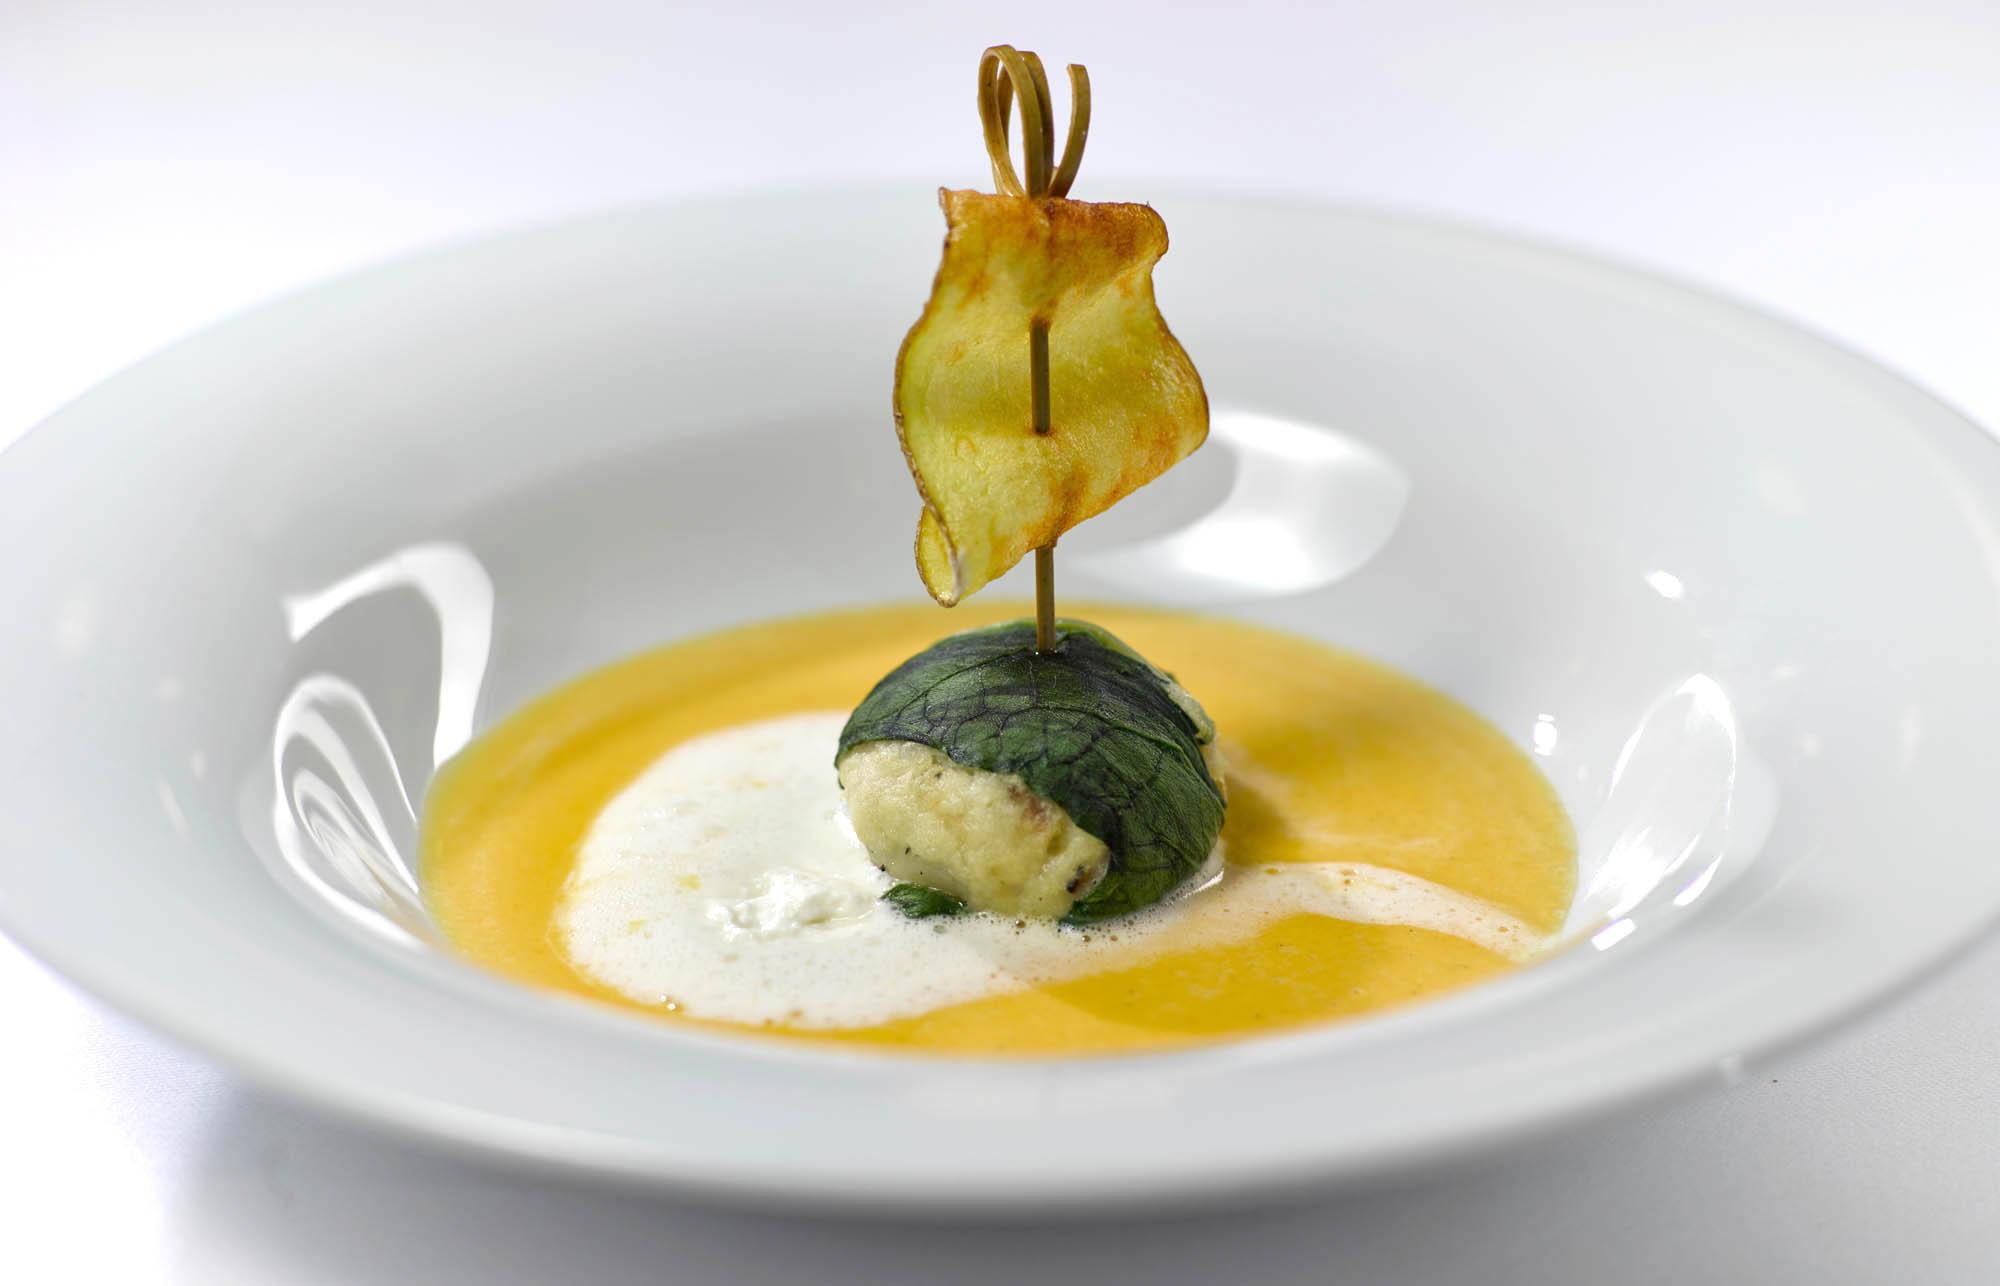 Haegele Food 4838 - Hägele Catering: Genuss bis ins kleinste Detail